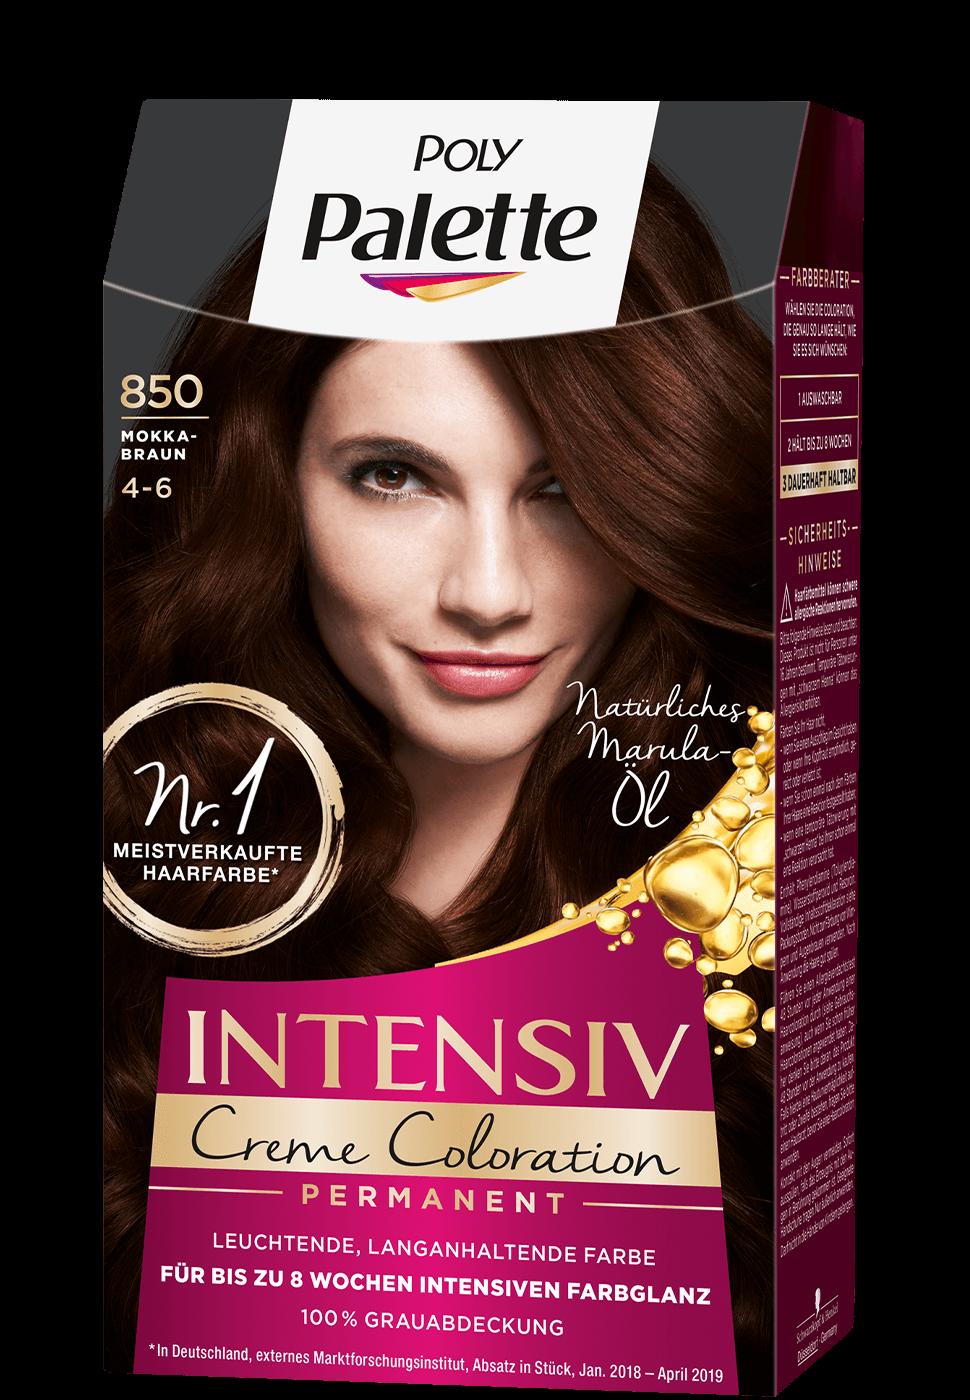 Thuốc nhuộm tóc Poly Palette mã 850: nâu tự nhiên